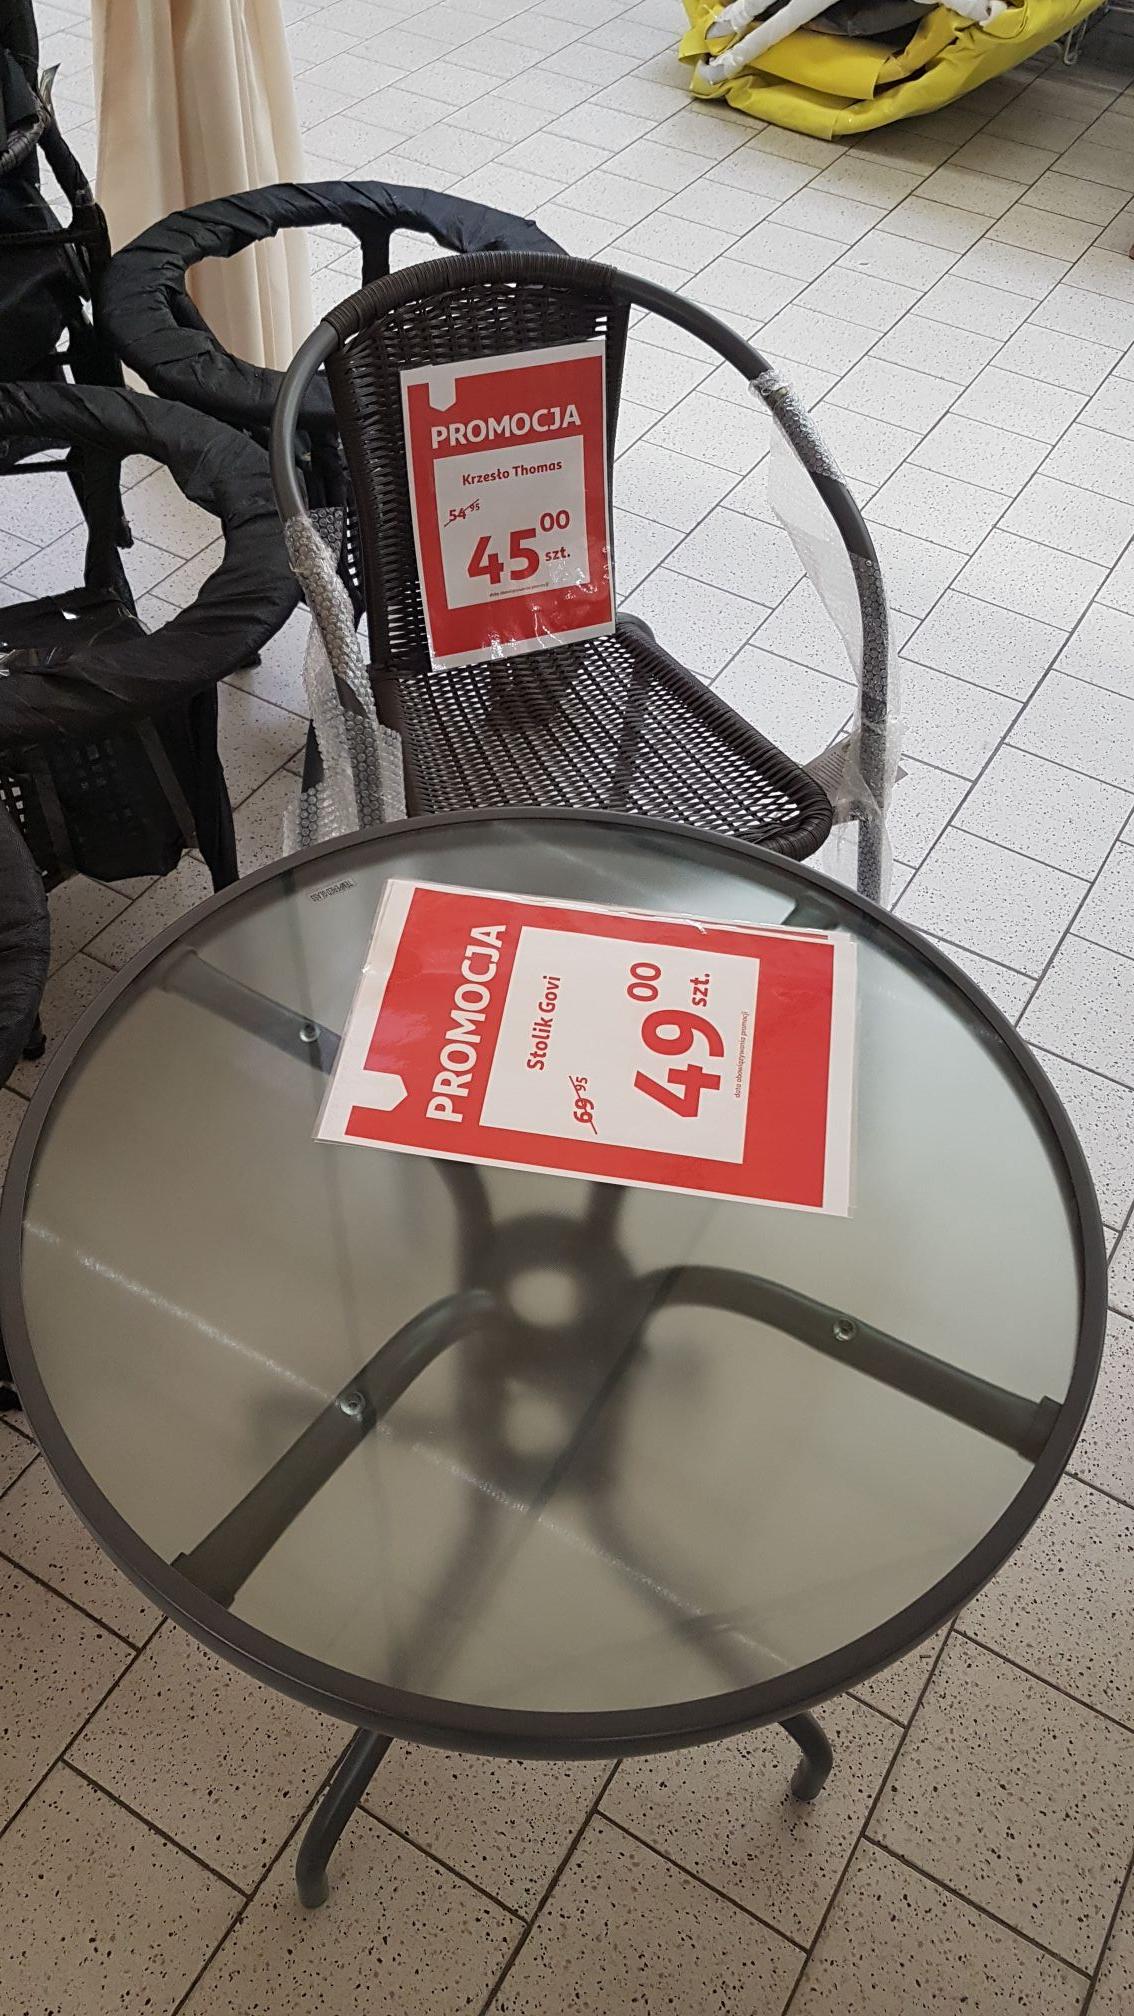 Stolik 60 cm i krzesła ogrodowe promocje Auchan